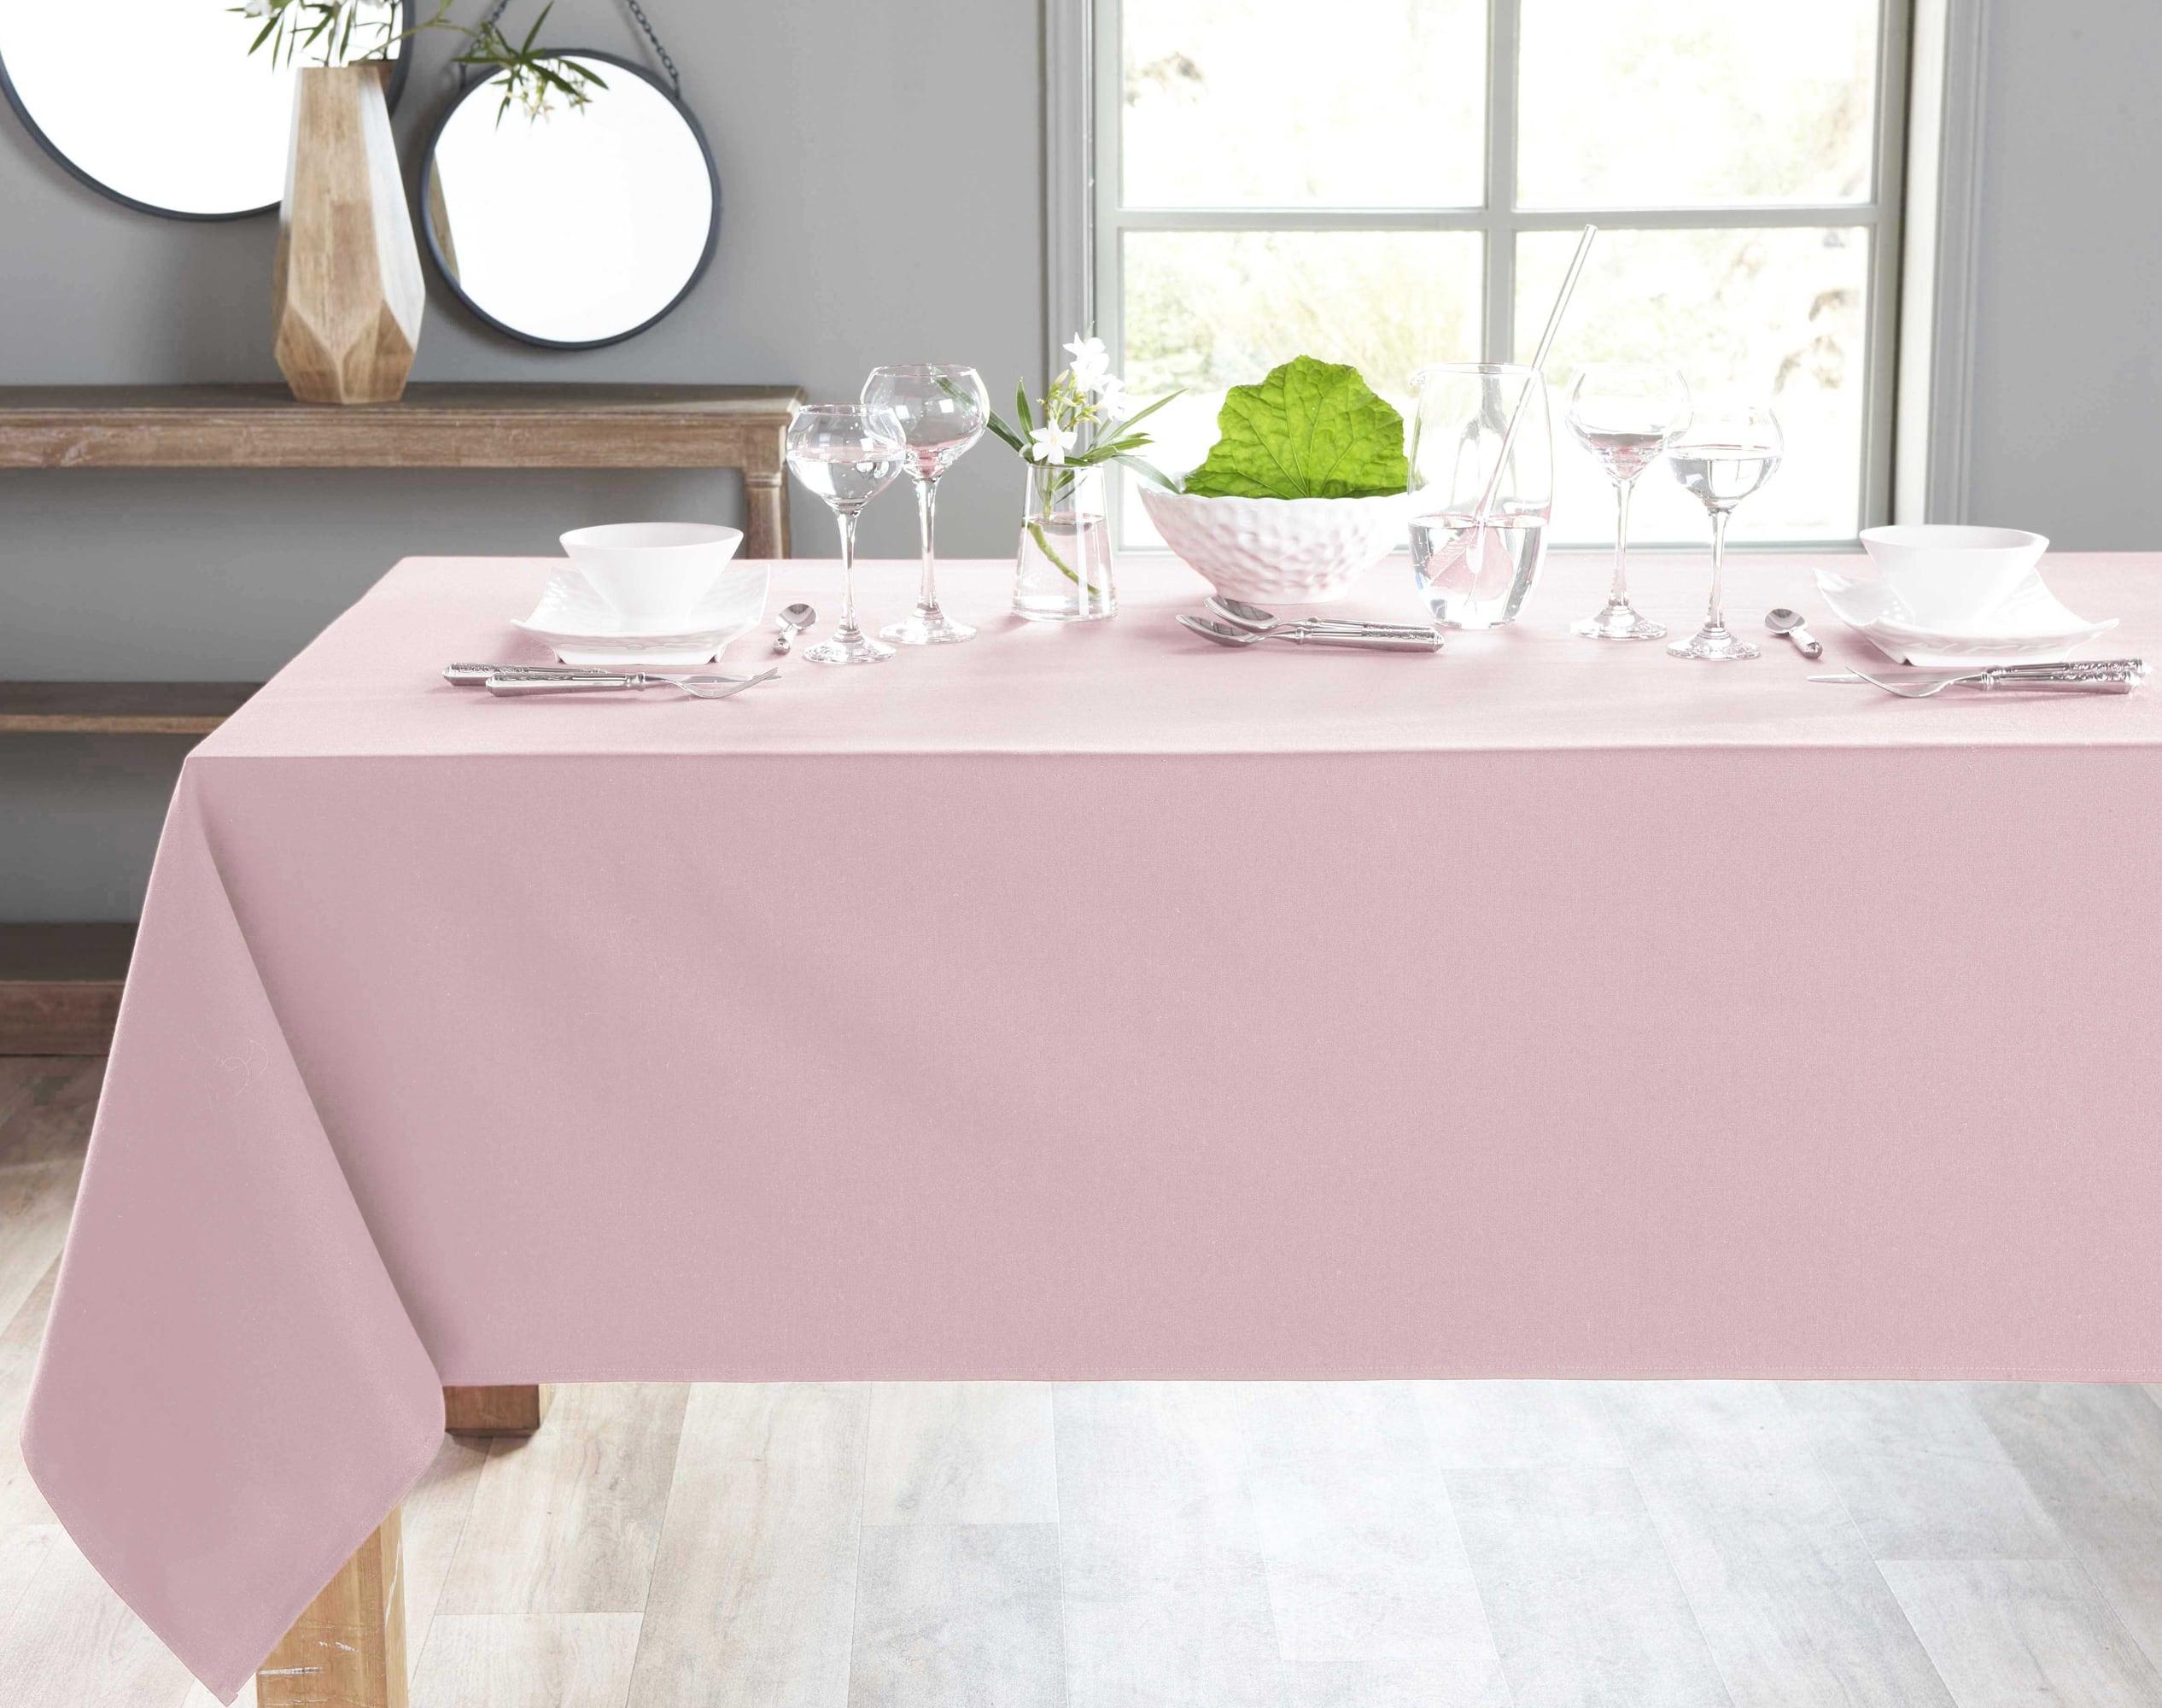 Nappe ronde rose poudré en coton 235x235